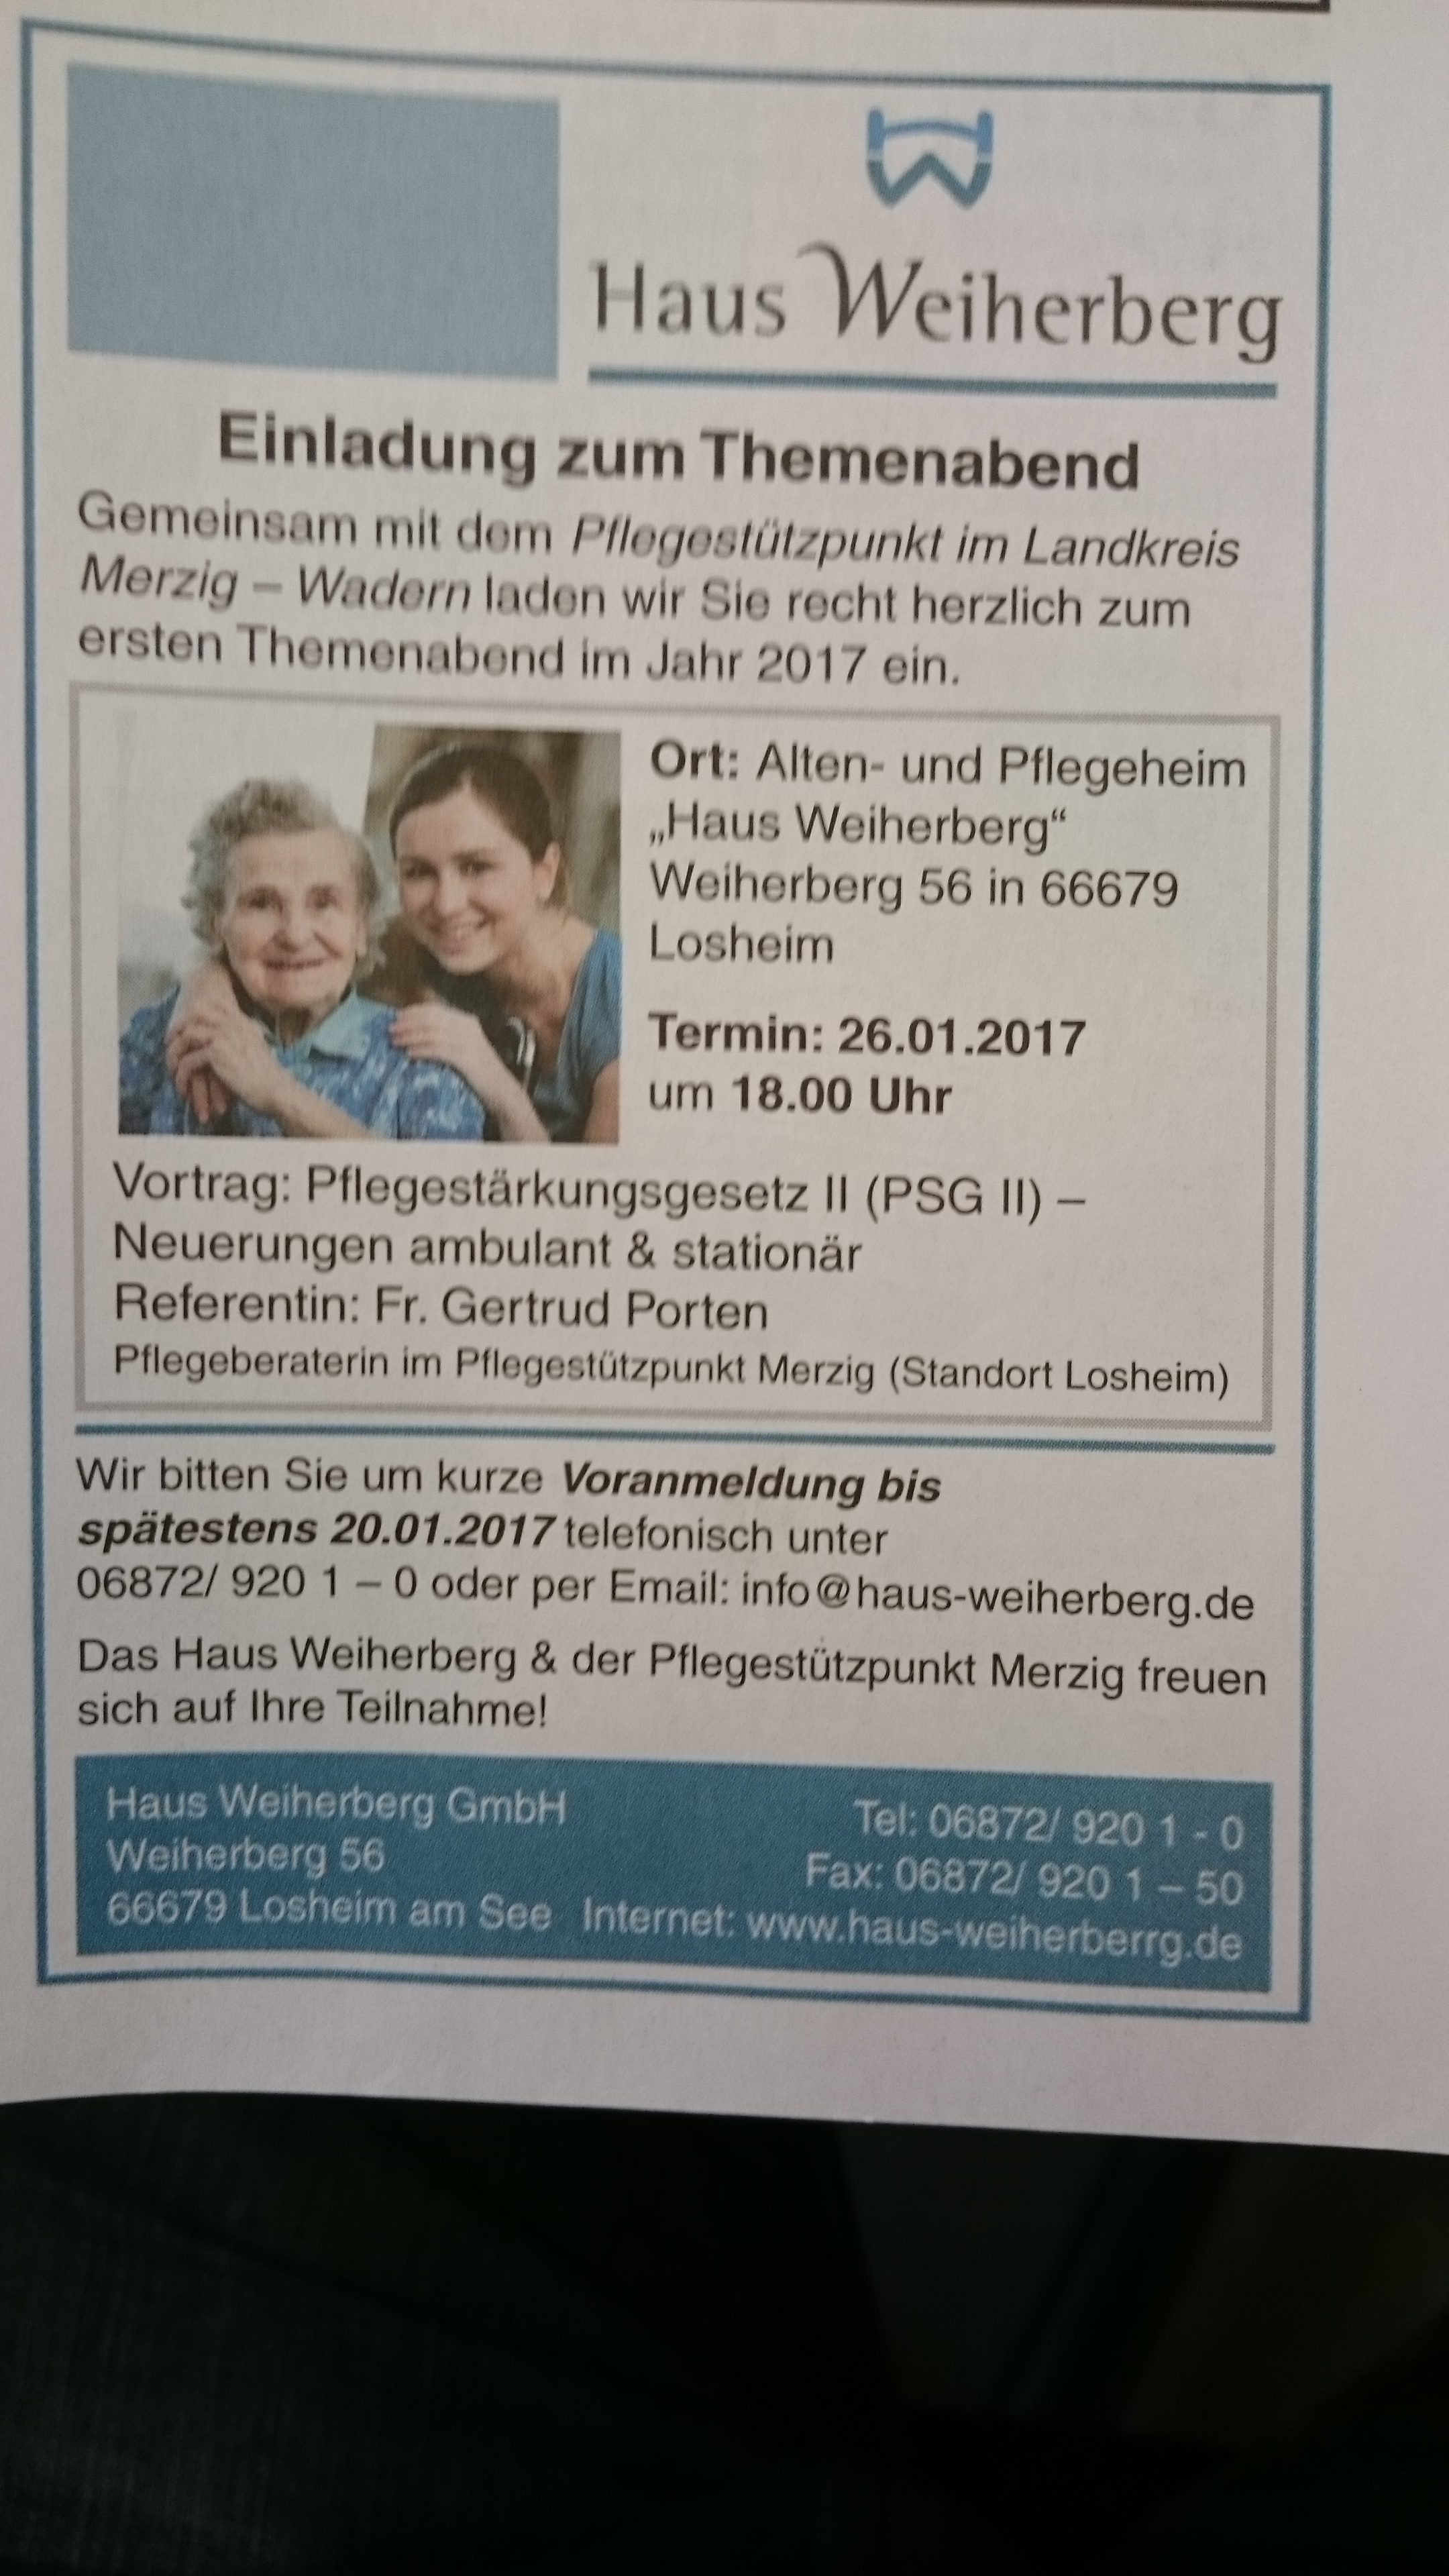 Neu ab 2017: Themenabende im Haus Weiherberg in Losheim am See